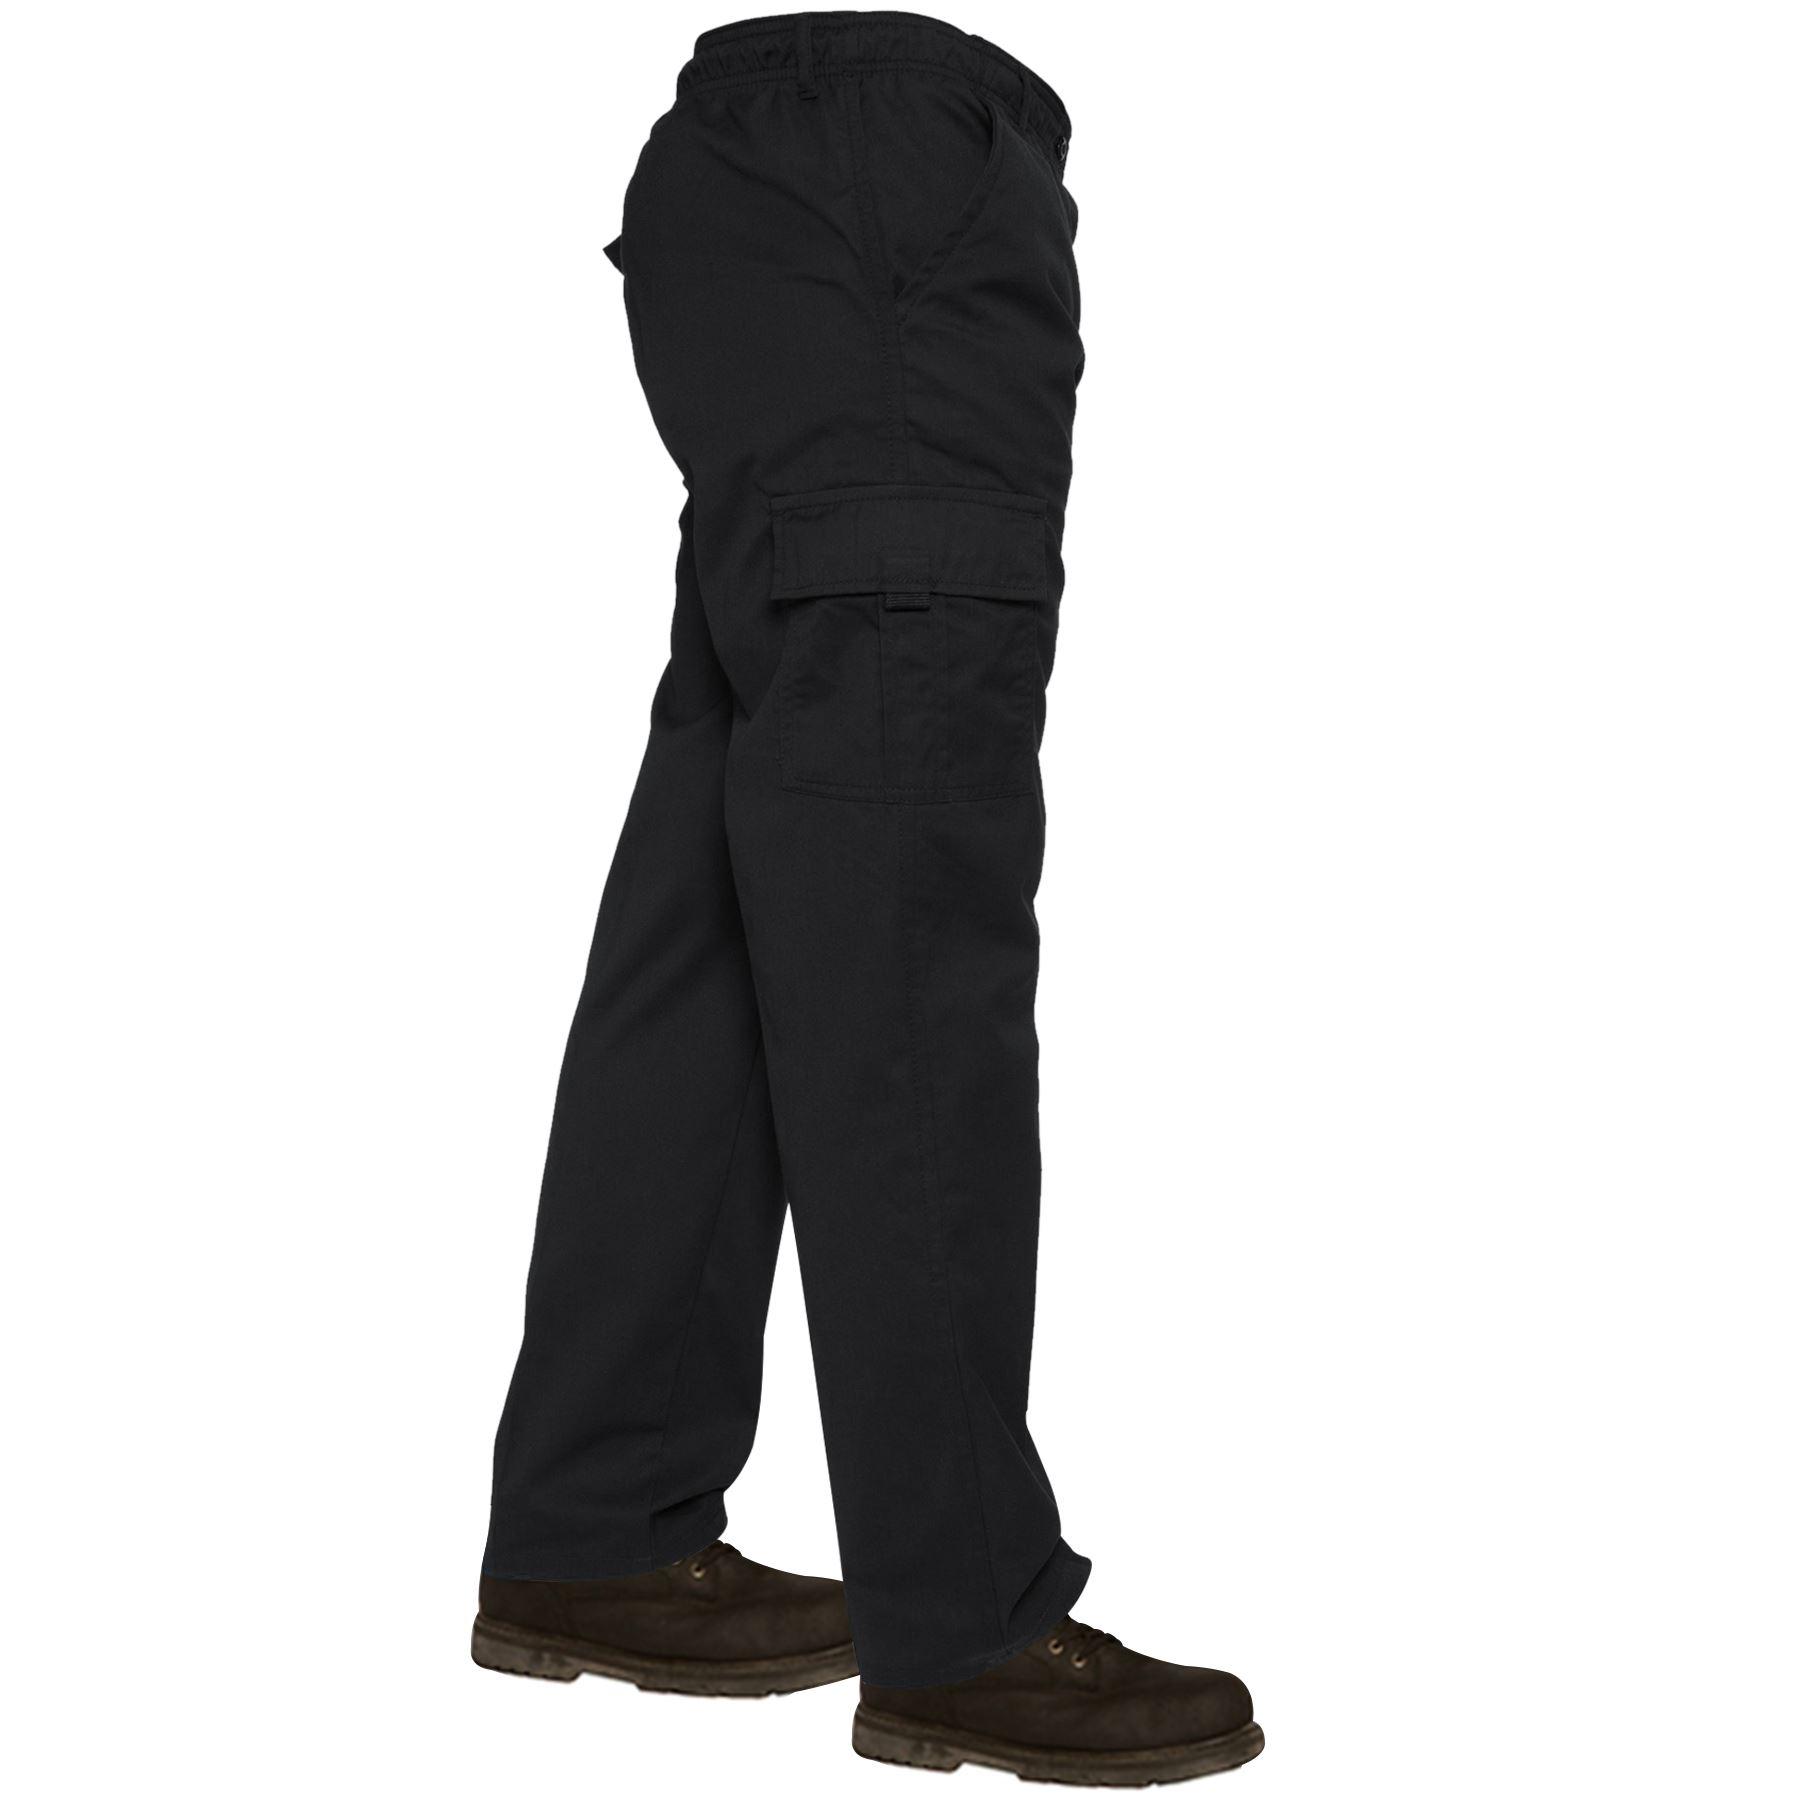 Mens-Lightweight-Elasticated-Waist-Cargo-Trousers-Combat-Work-Pants-Bottoms-New thumbnail 2